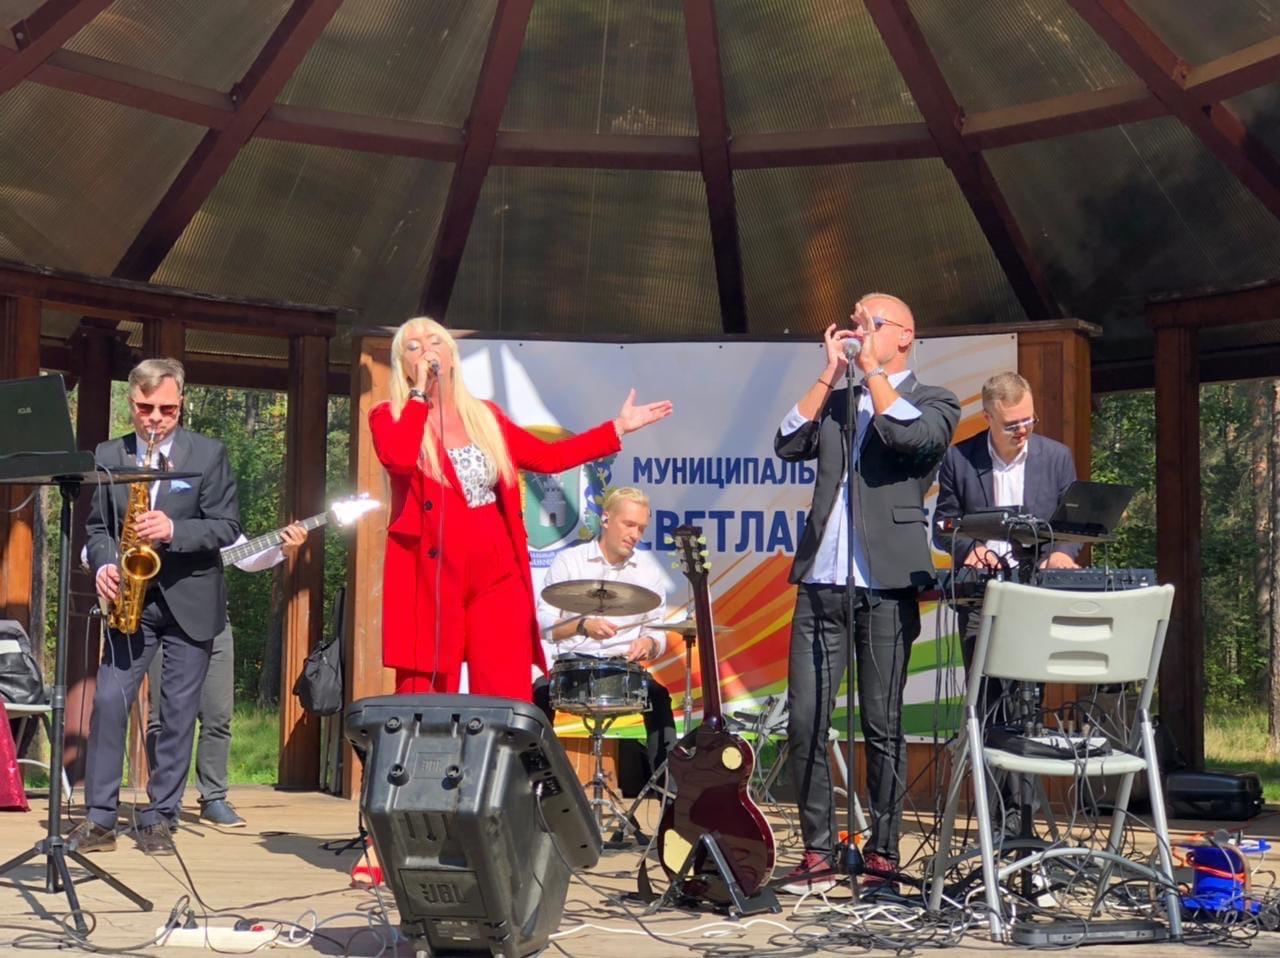 """Музыкальный коллектив на крытой навесом сцене: солистка поёт в красном брючном костюме, справа от неё - мужчина в костюме поёт в микрофон. Позади по центру - барабанщик, слева мужчина в костюме играет на саксофоне, справа мужчина в костюме играет на синтезаторе. На фоне сзади - плакат """"Муниципальное образование Светлановское""""."""